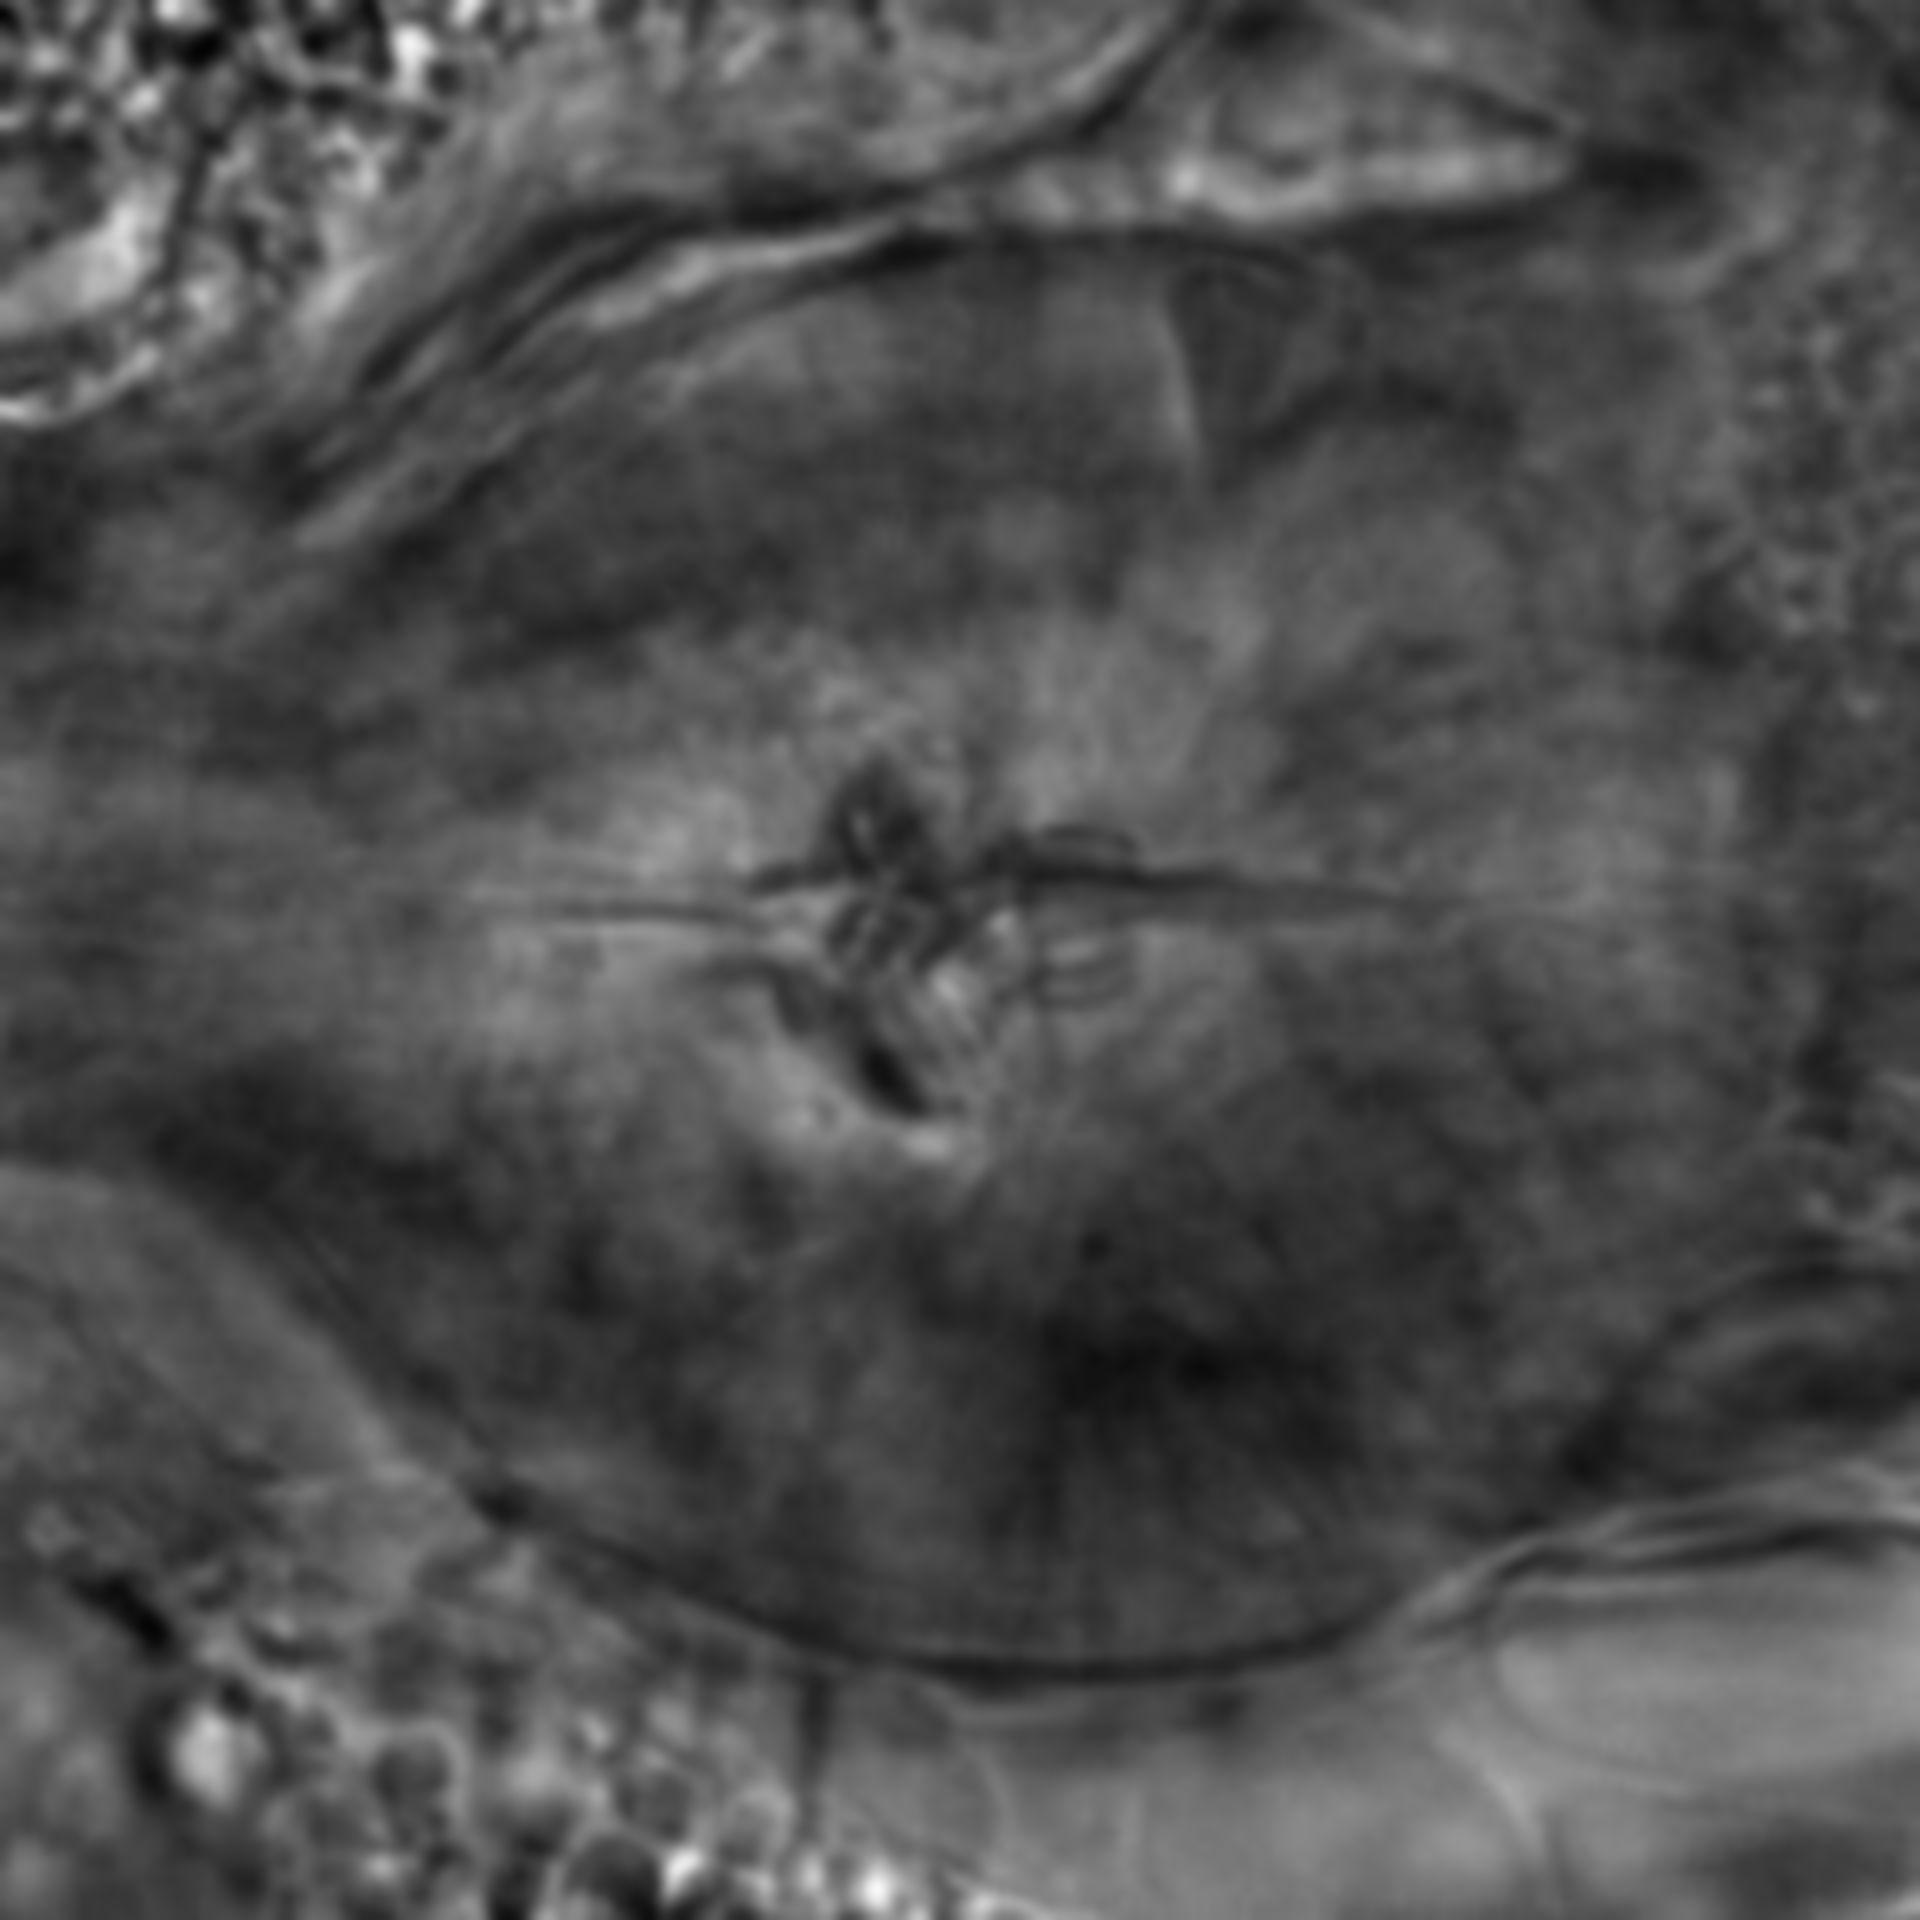 Caenorhabditis elegans - CIL:2247